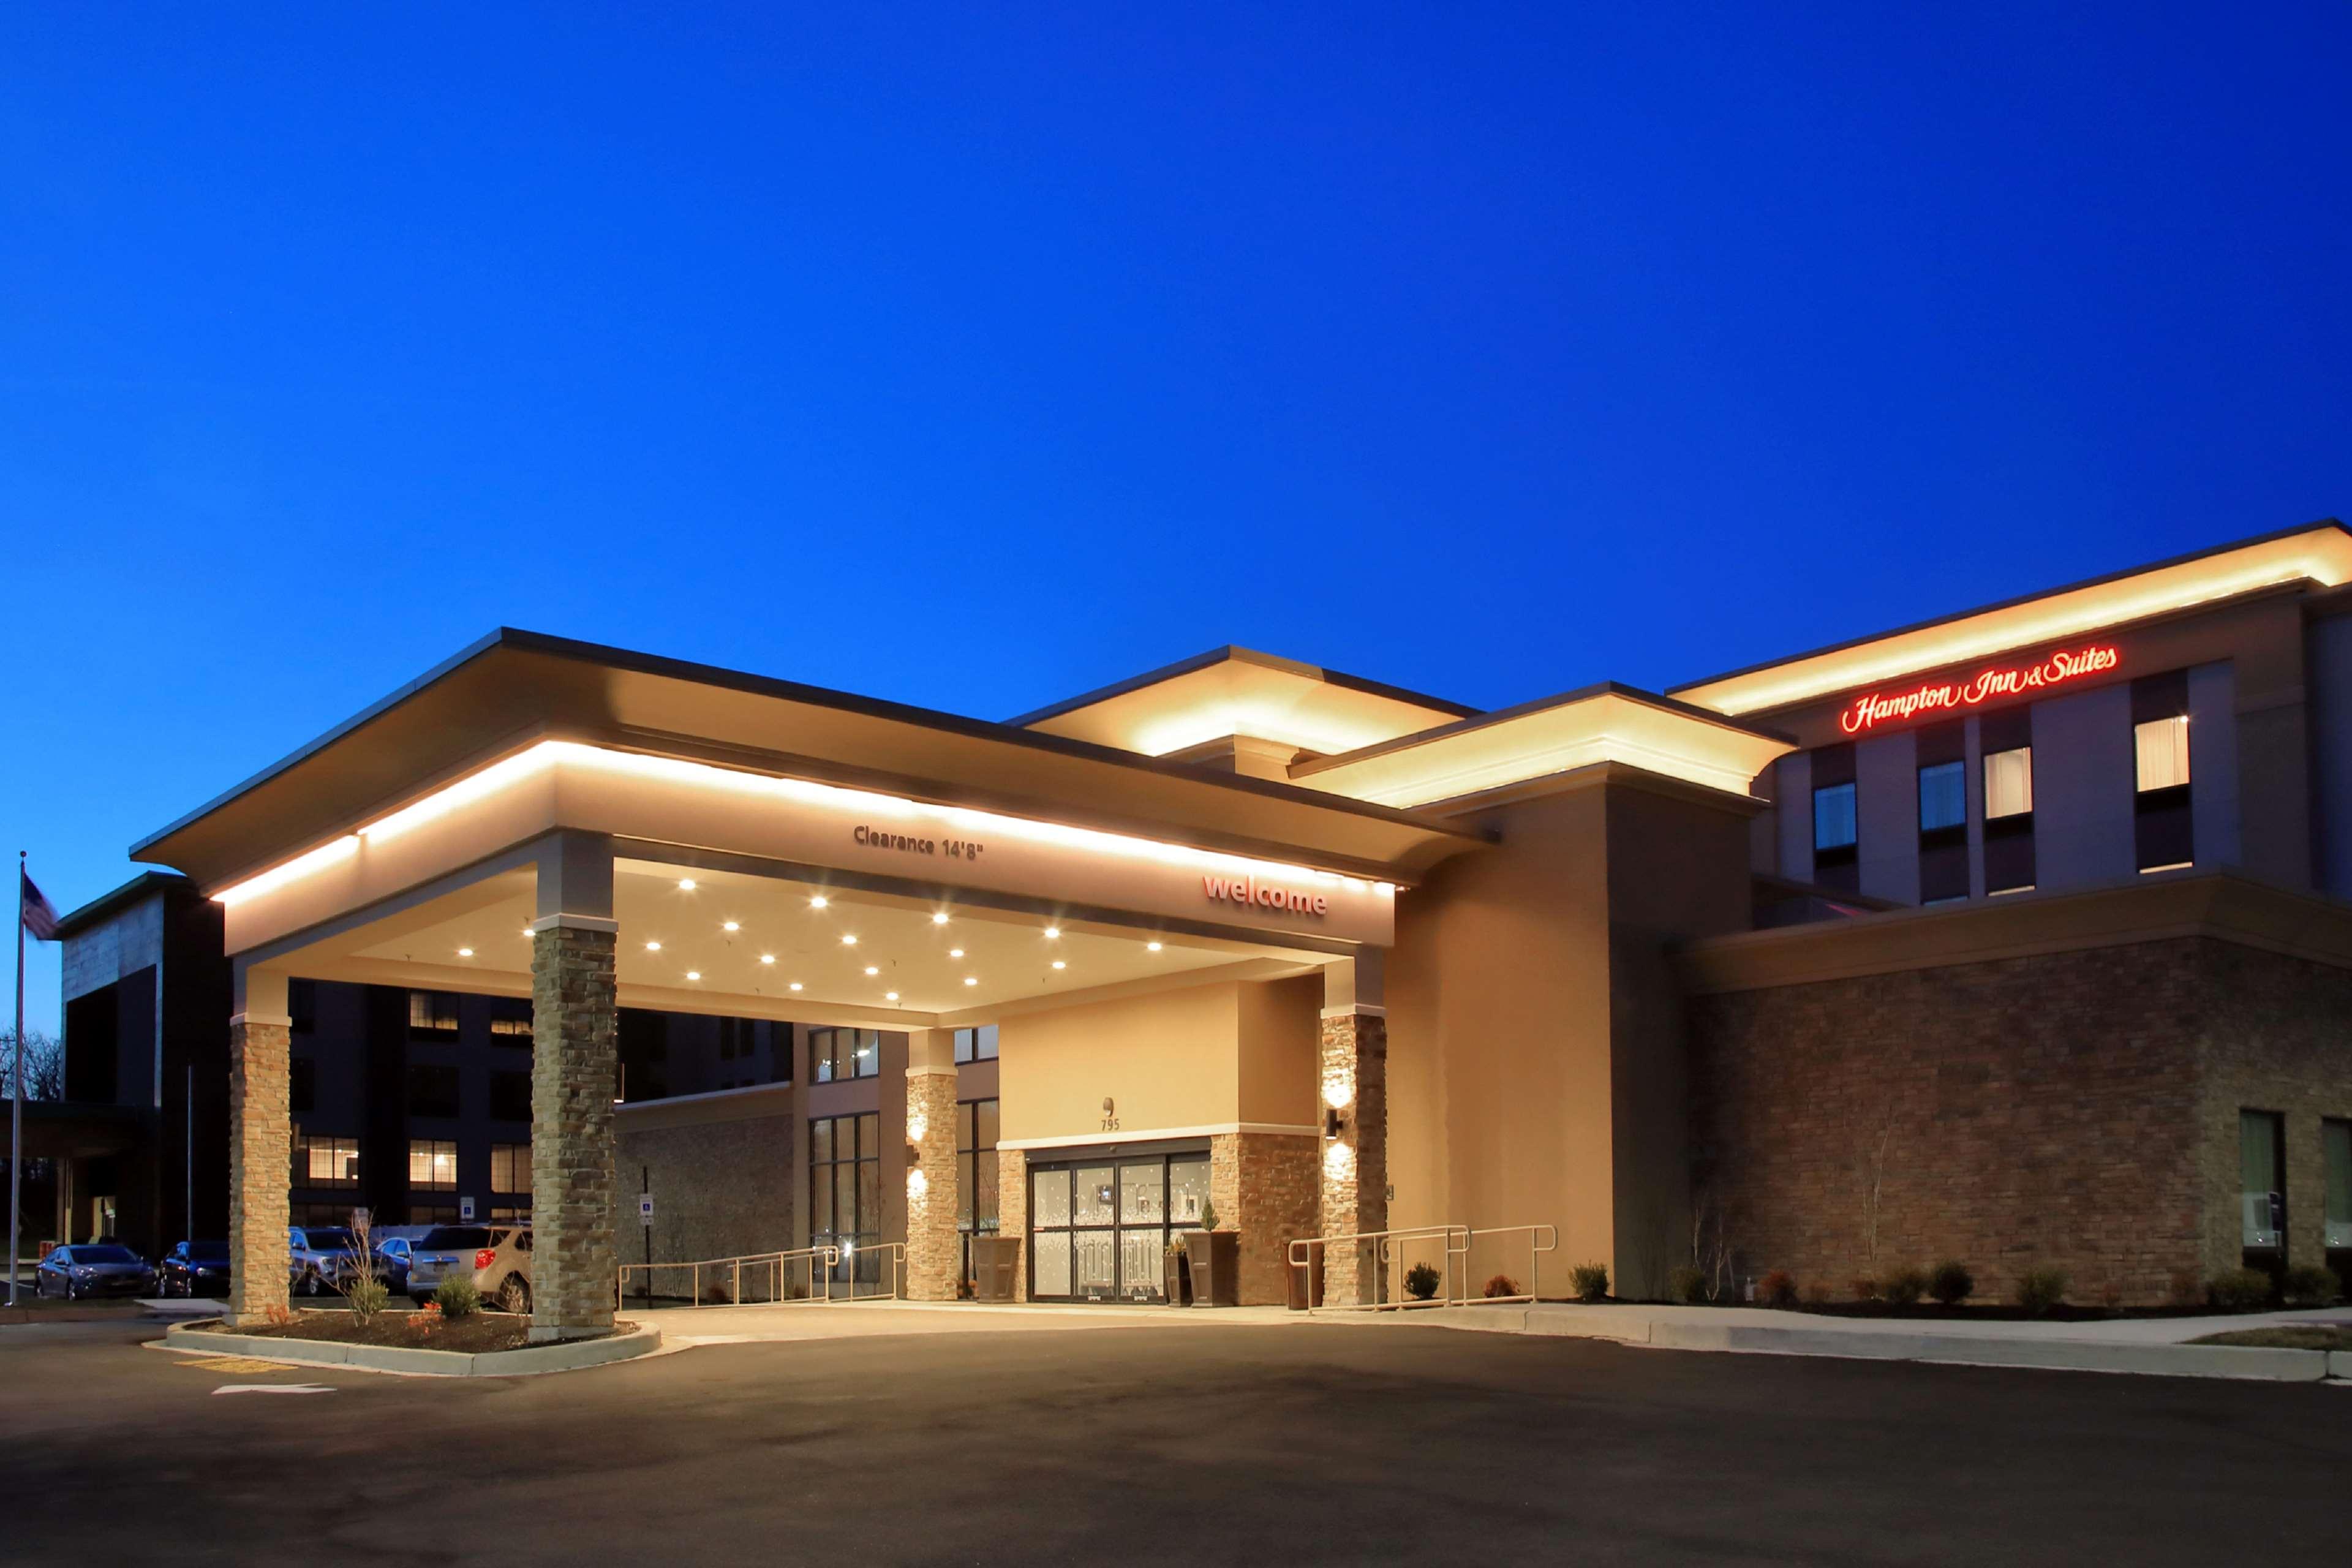 Hampton Inn & Suites Baltimore/Aberdeen image 1